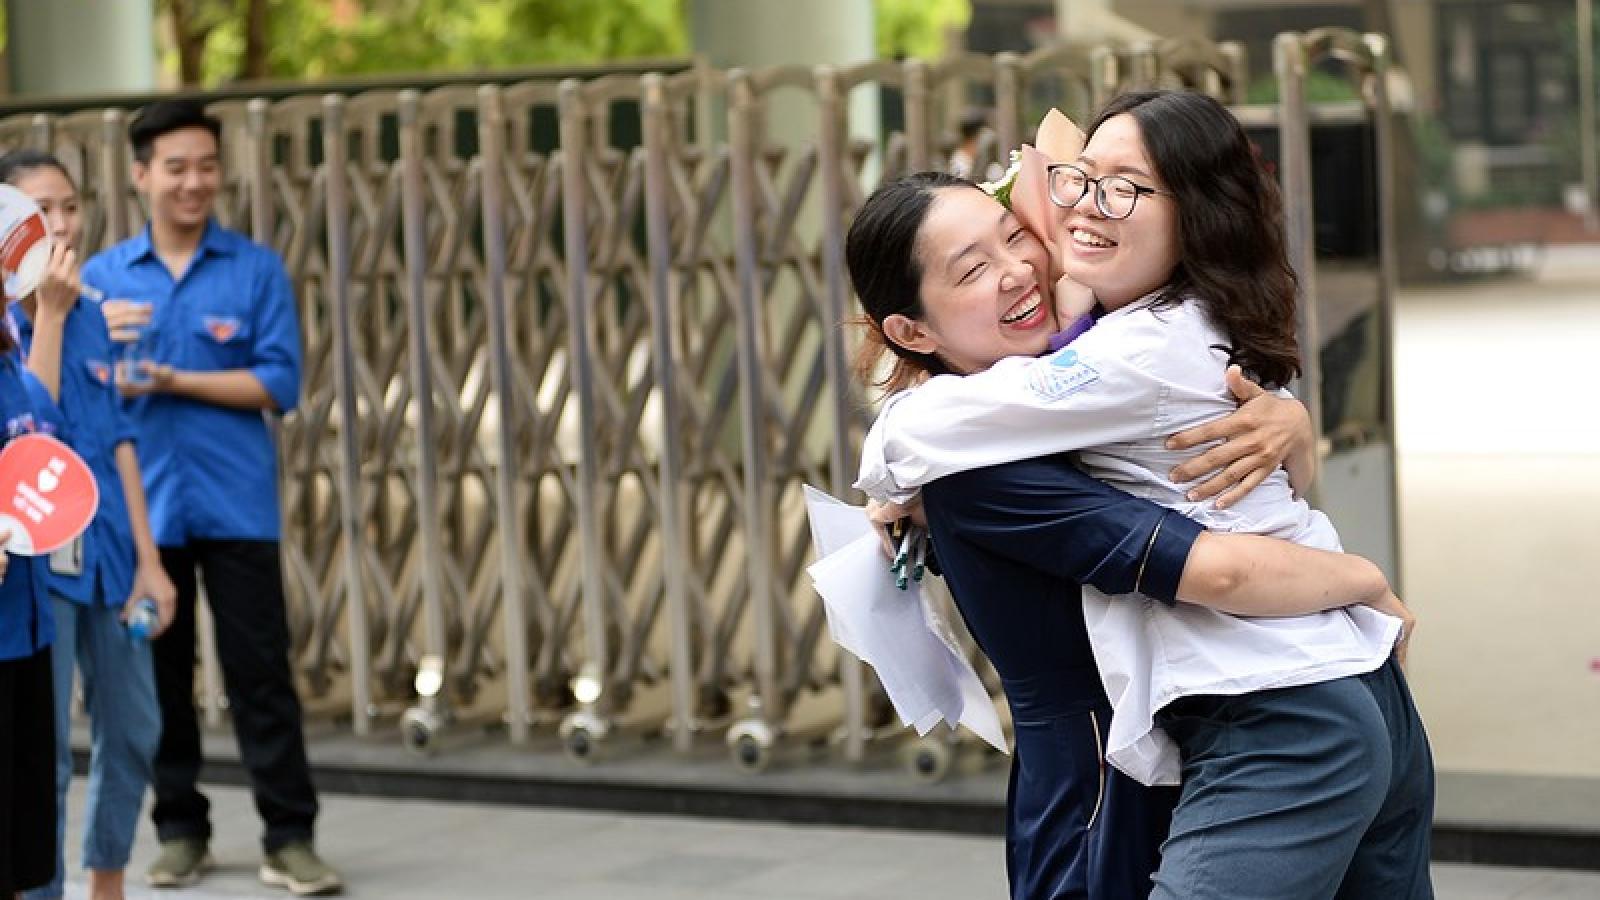 Kỷ lục, trường đại học cho sinh viên nghỉ Tết Nguyên đán gần 50 ngày